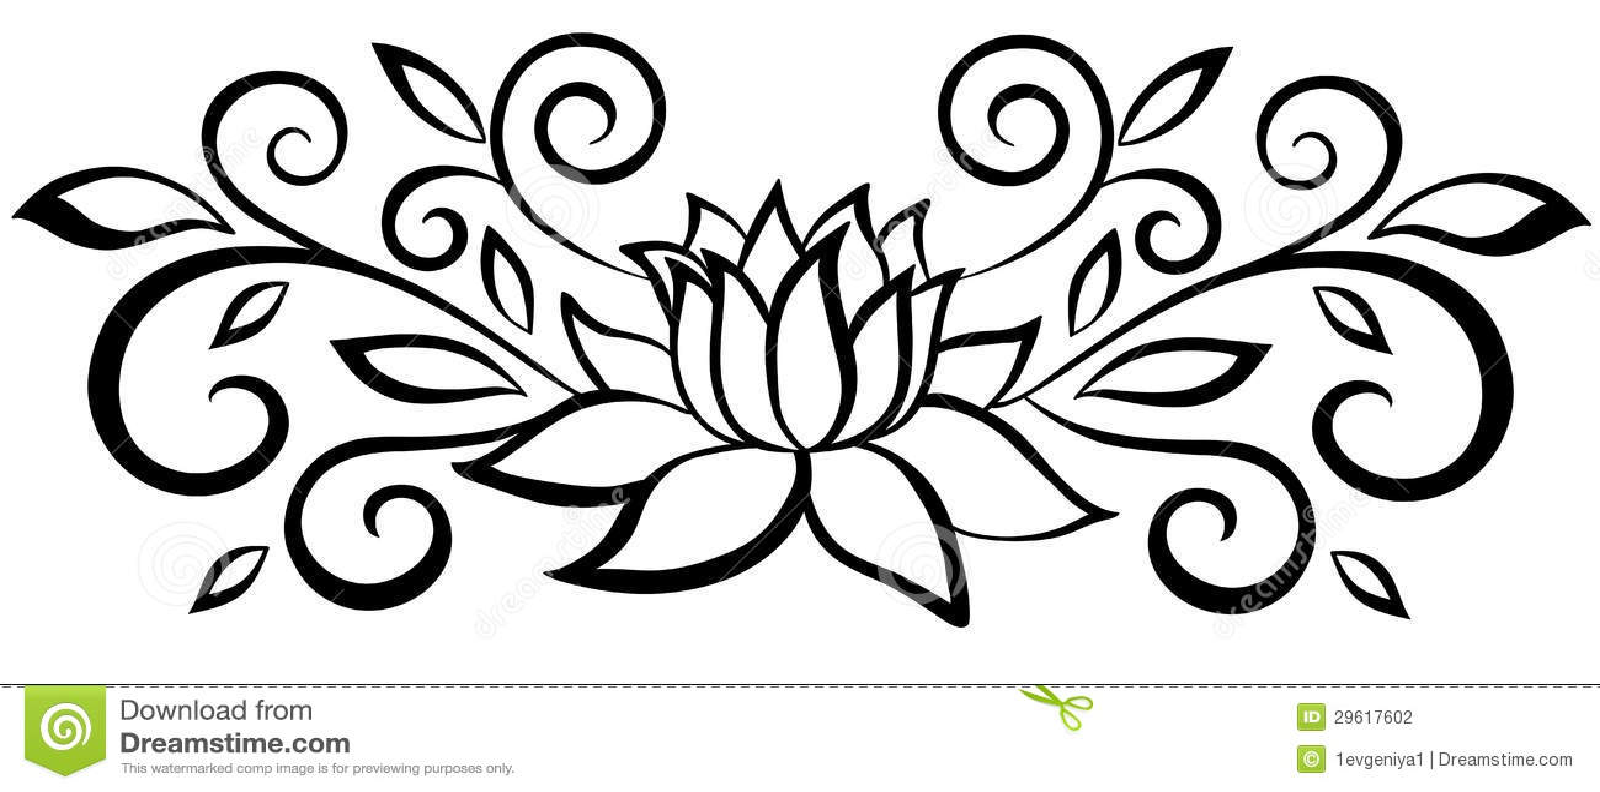 Flor Abstracta Blanco Y Negro Hermosa. Con Las Hojas Y Los